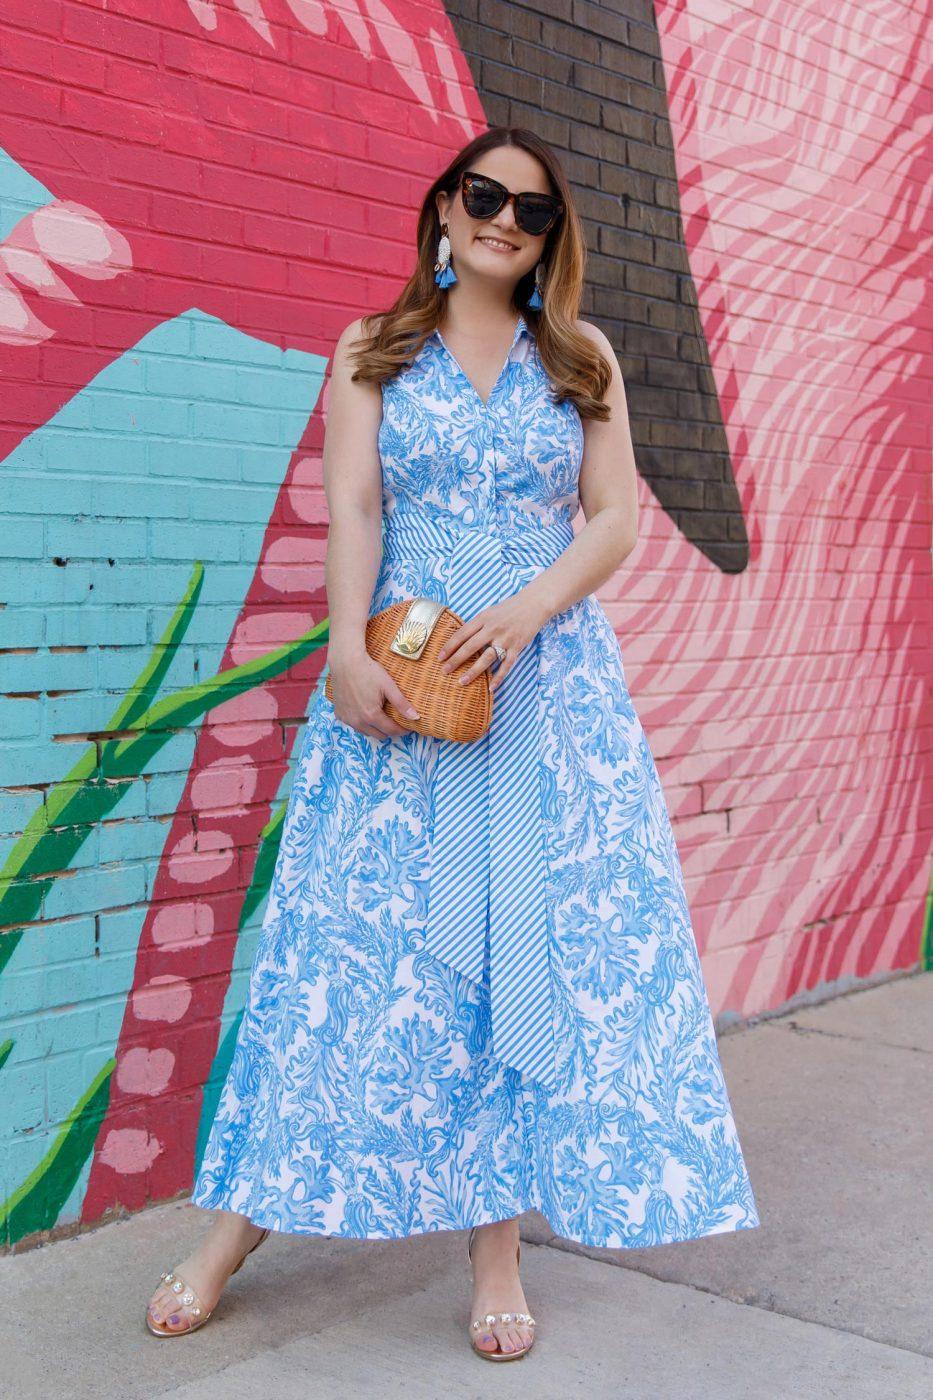 Jennifer Lake Lilly Pulitzer Blue Midi Dress